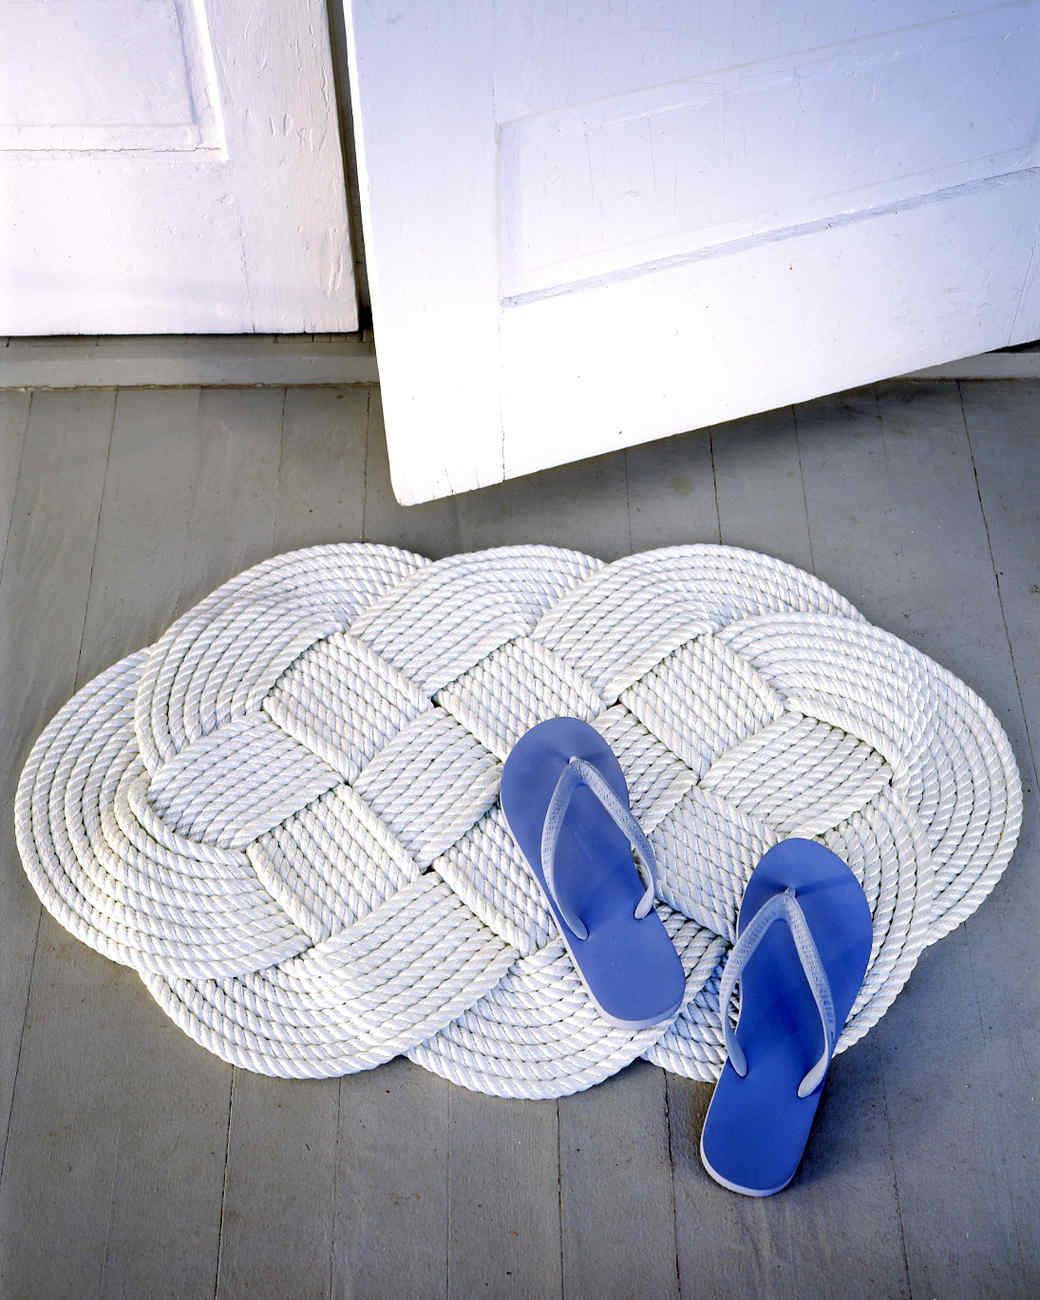 DIY Braided Doormat DIY Doormat That Offers You Impressive Yet Inexpensive Ideas